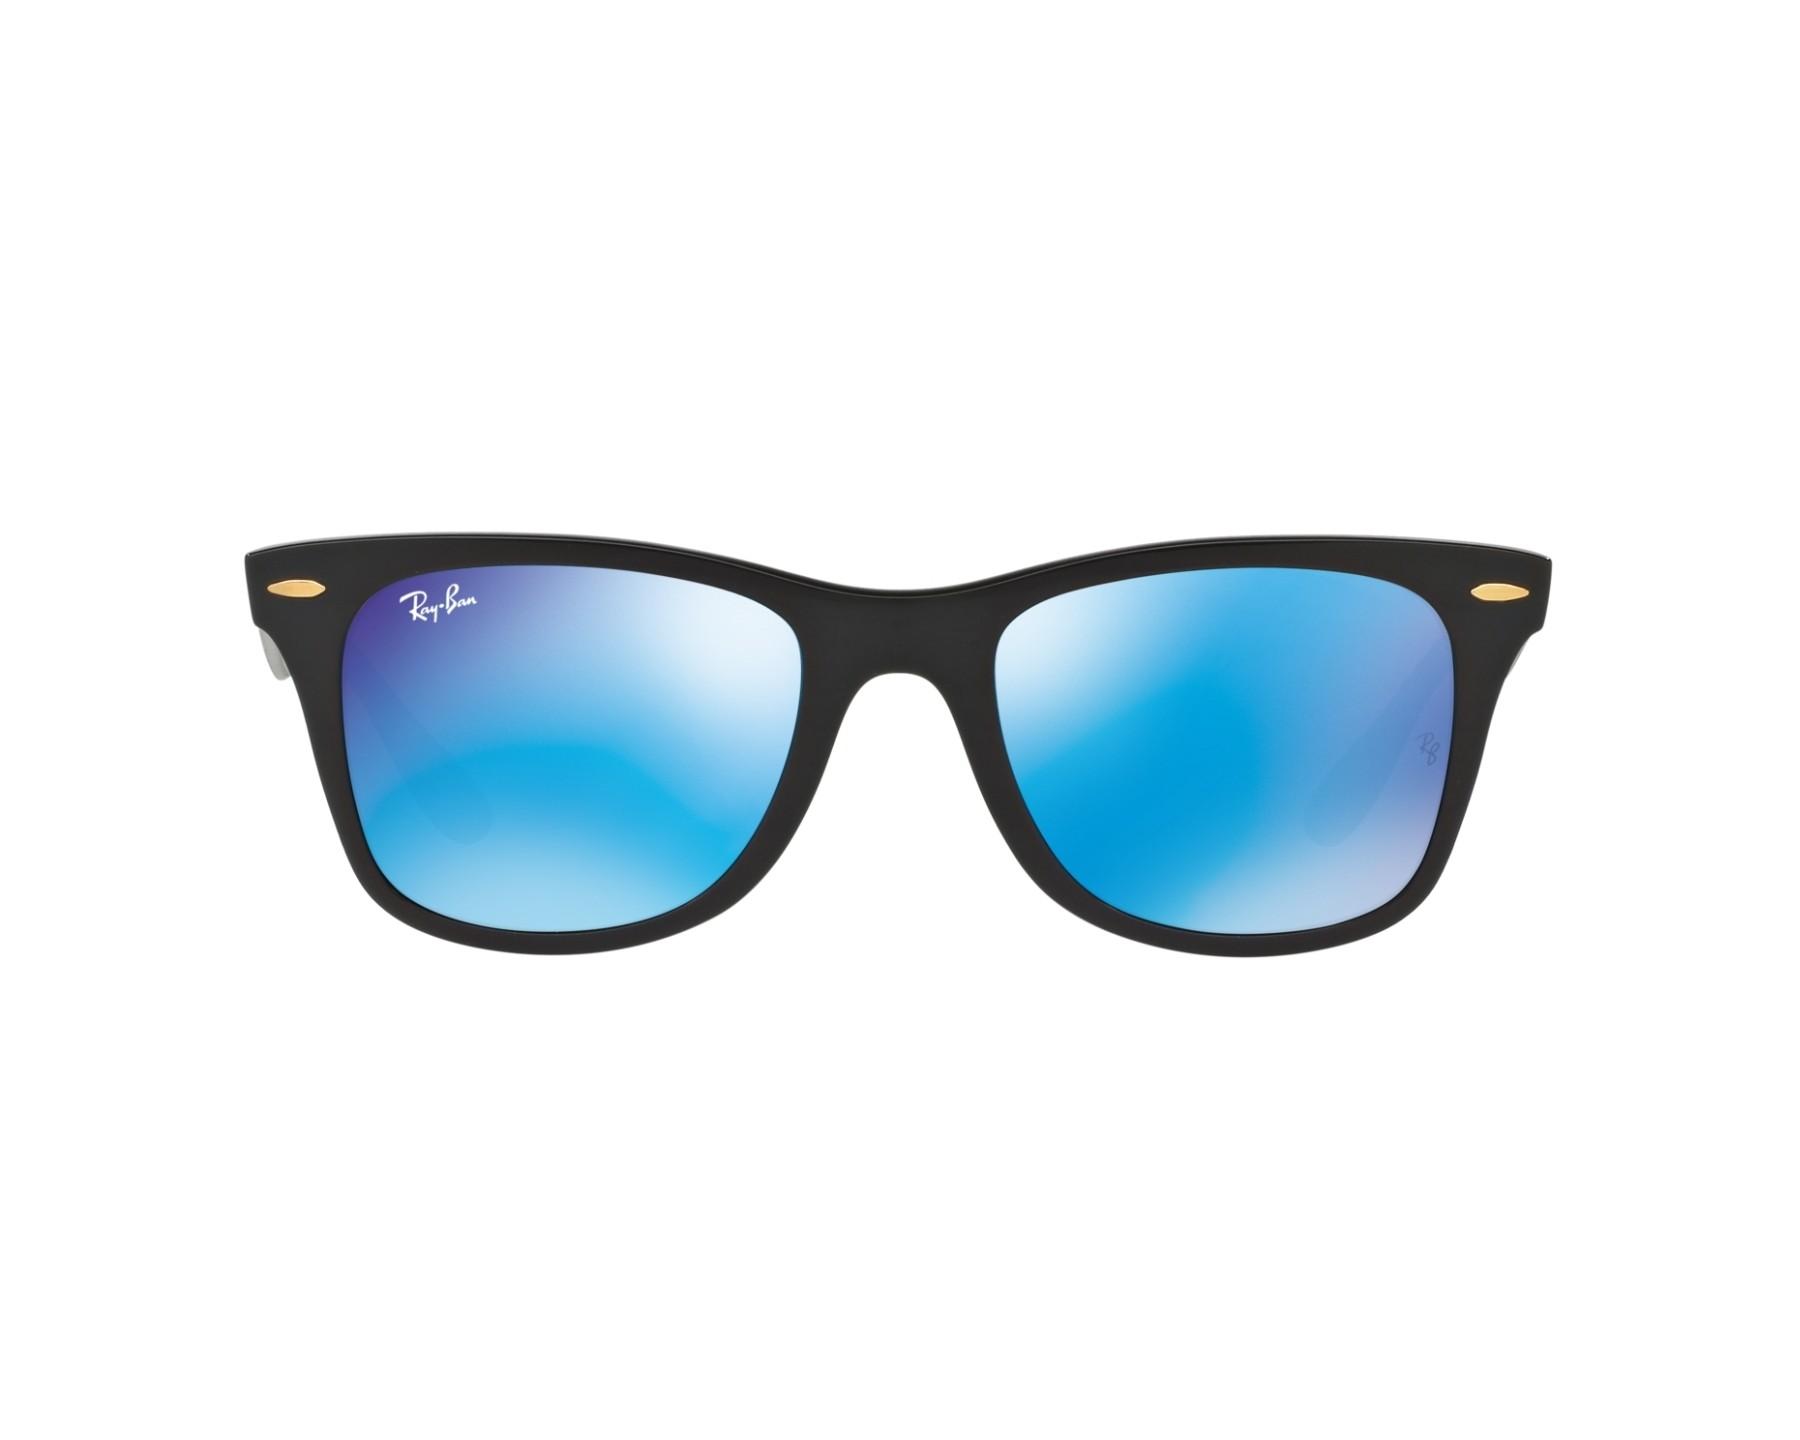 426ad7f7b14 Sunglasses Ray-Ban RB-4195 631855 52-20 Black 360 degree view 1